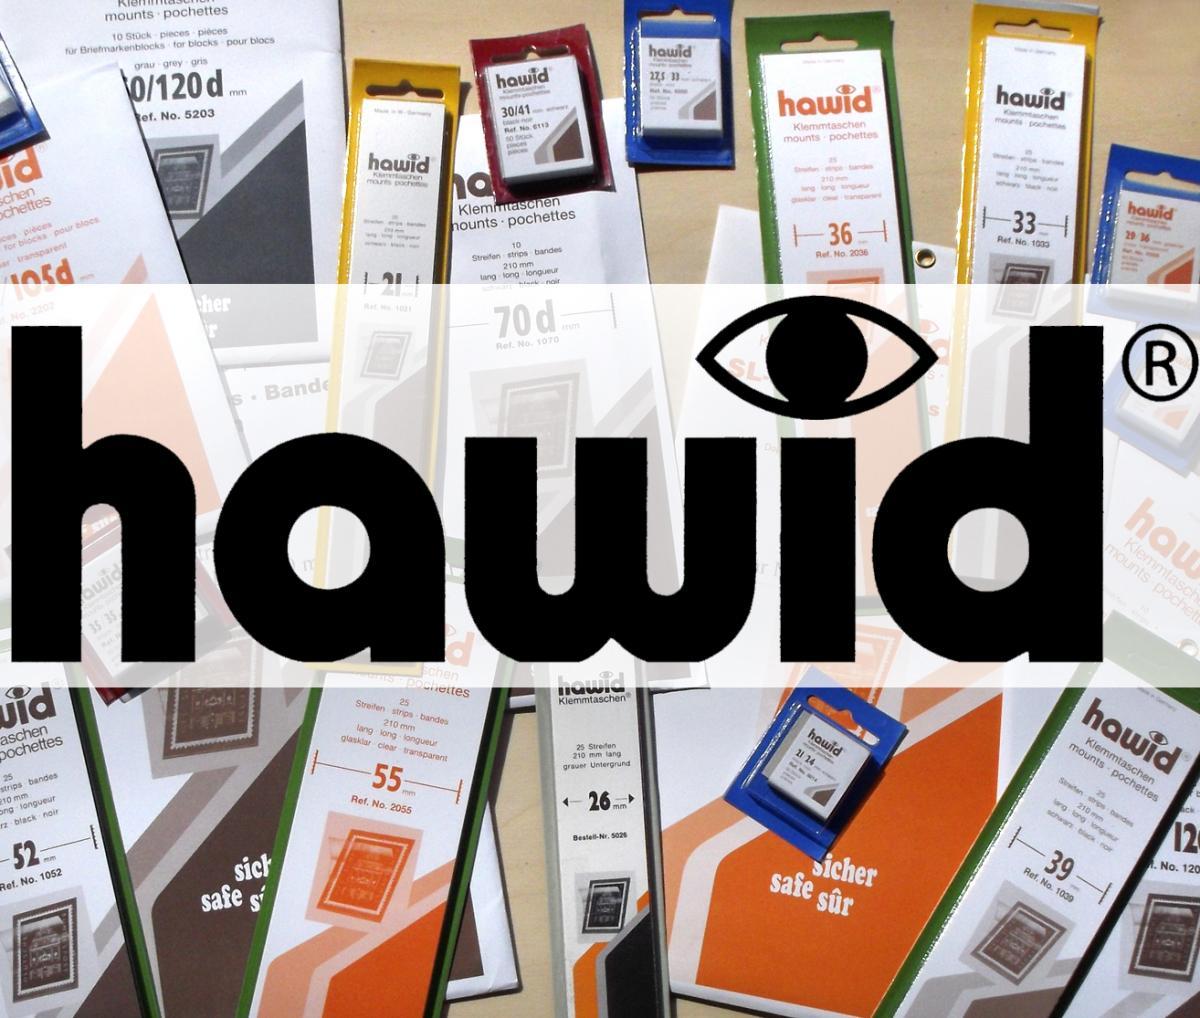 HAWID-Streifen 5070, 210 x 70 mm, grau, 10 Stück, d* (weiße Verpackung) 0